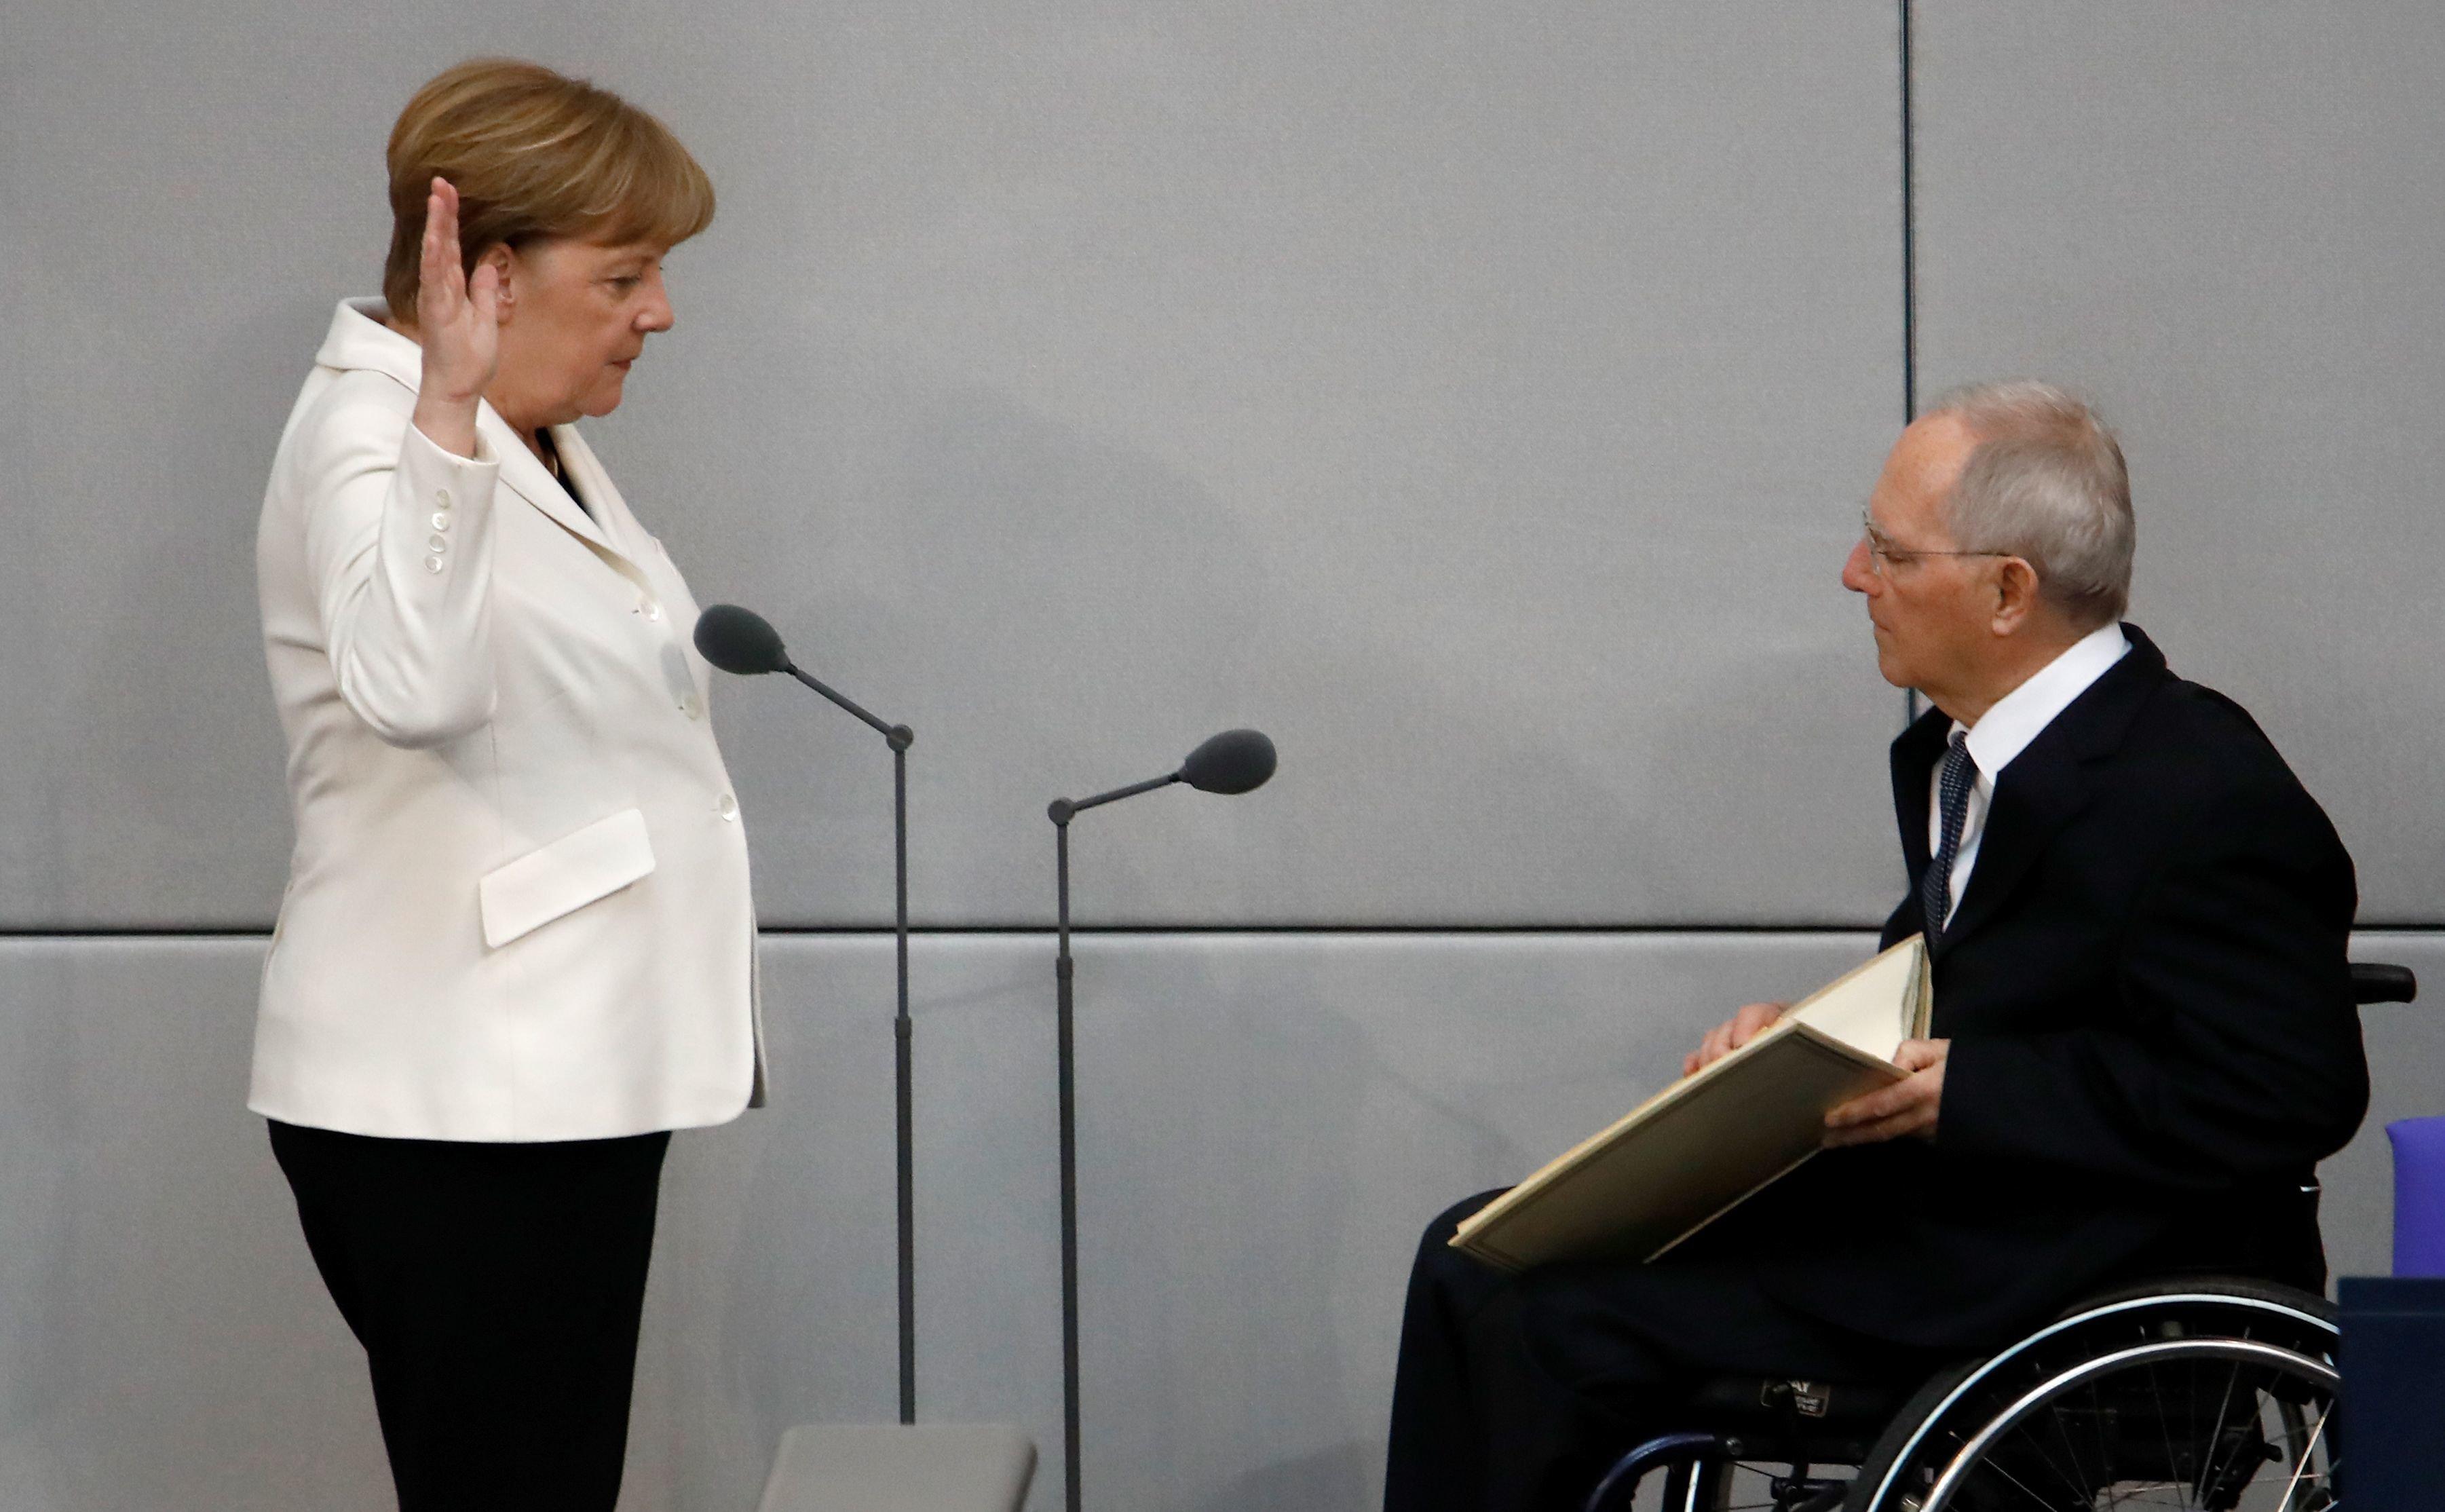 Ρήξη Σόιμπλε -Μέρκελ: Στηρίζει τον απόλυτο αντίπαλό